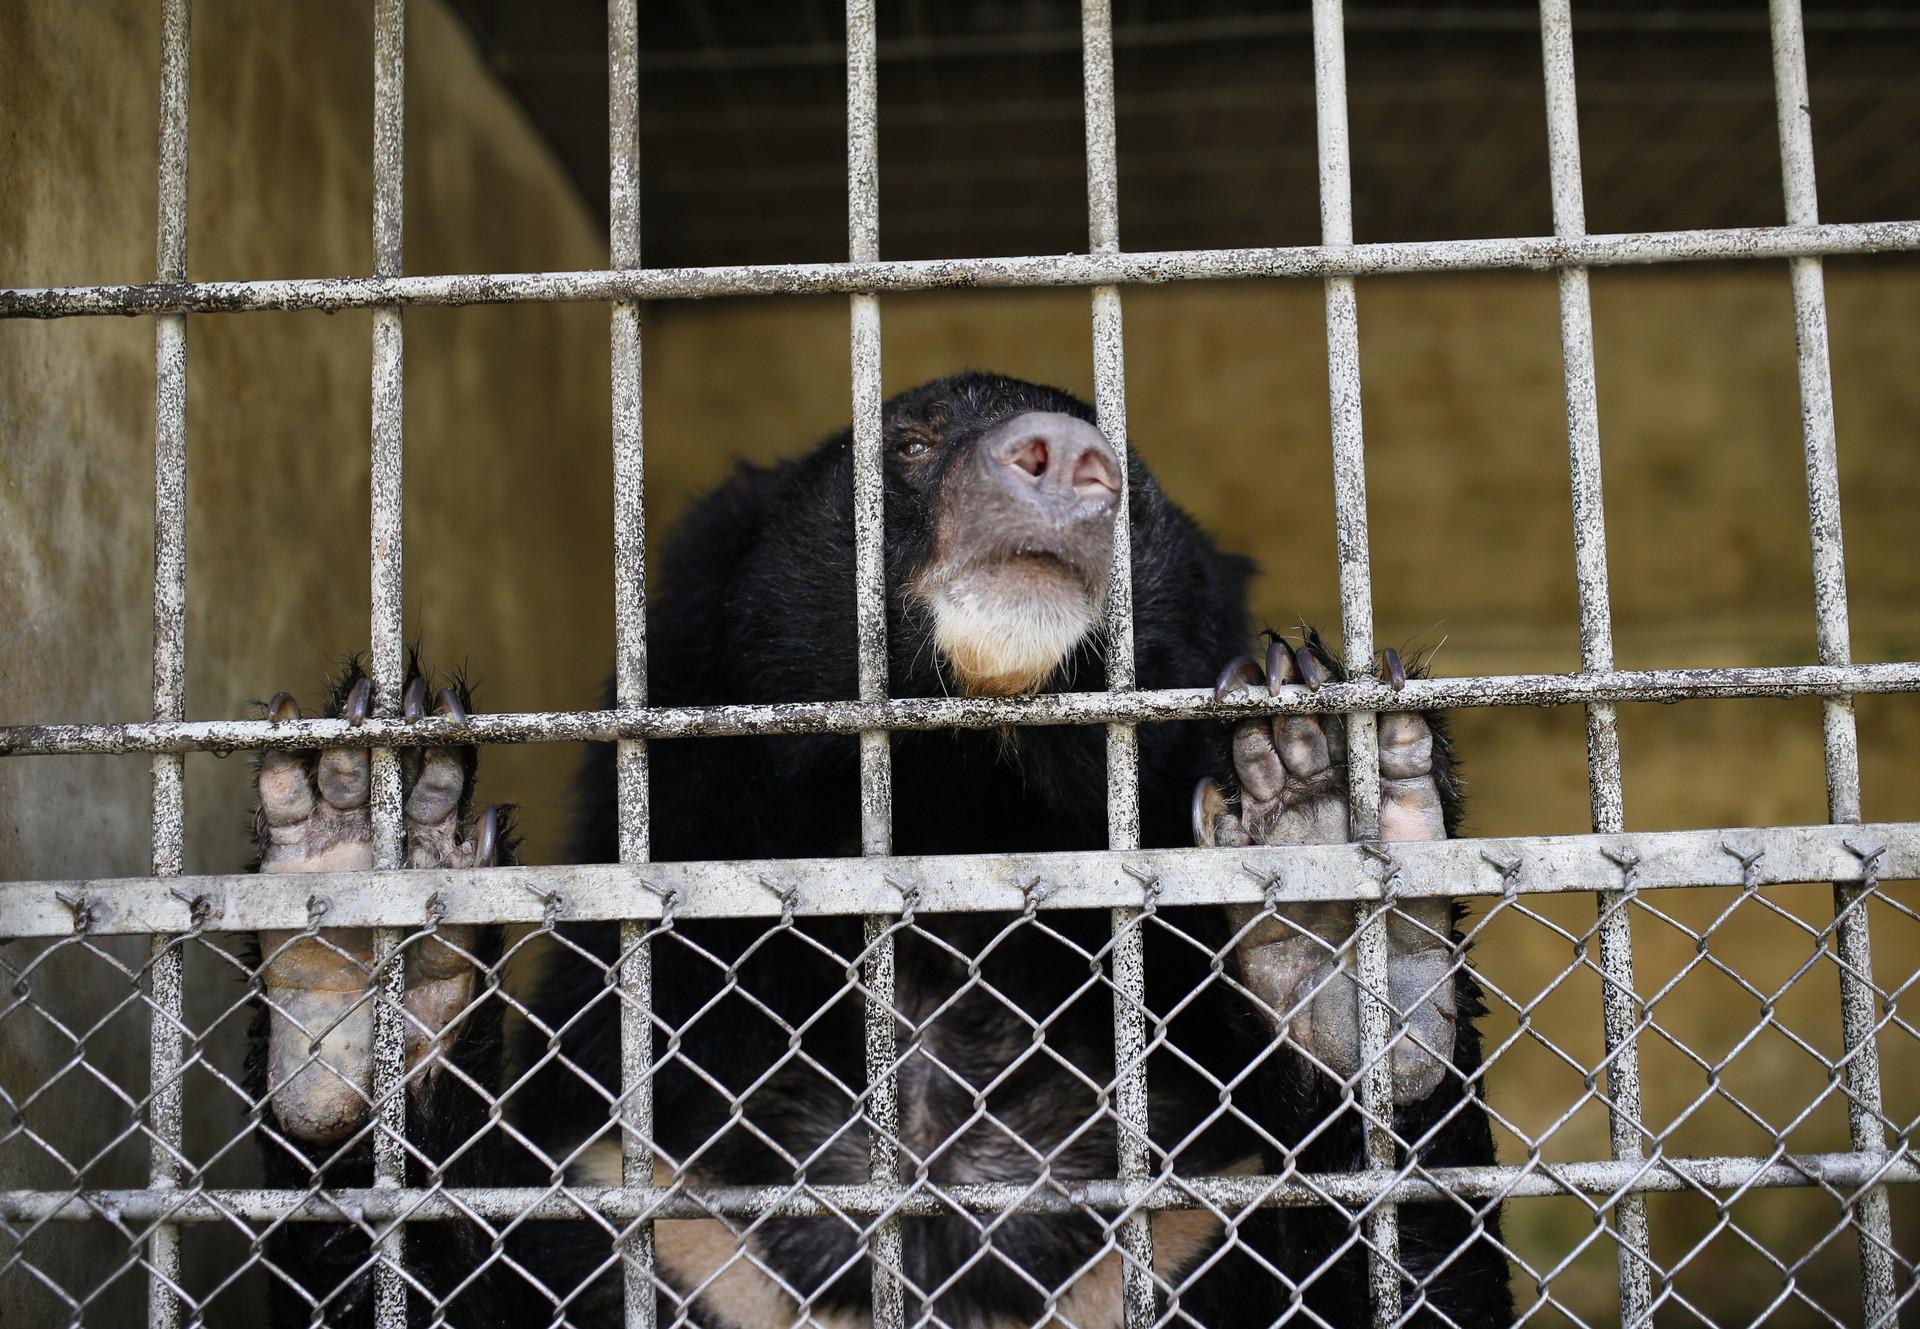 Gallebär hinter Gitter in Vietnam